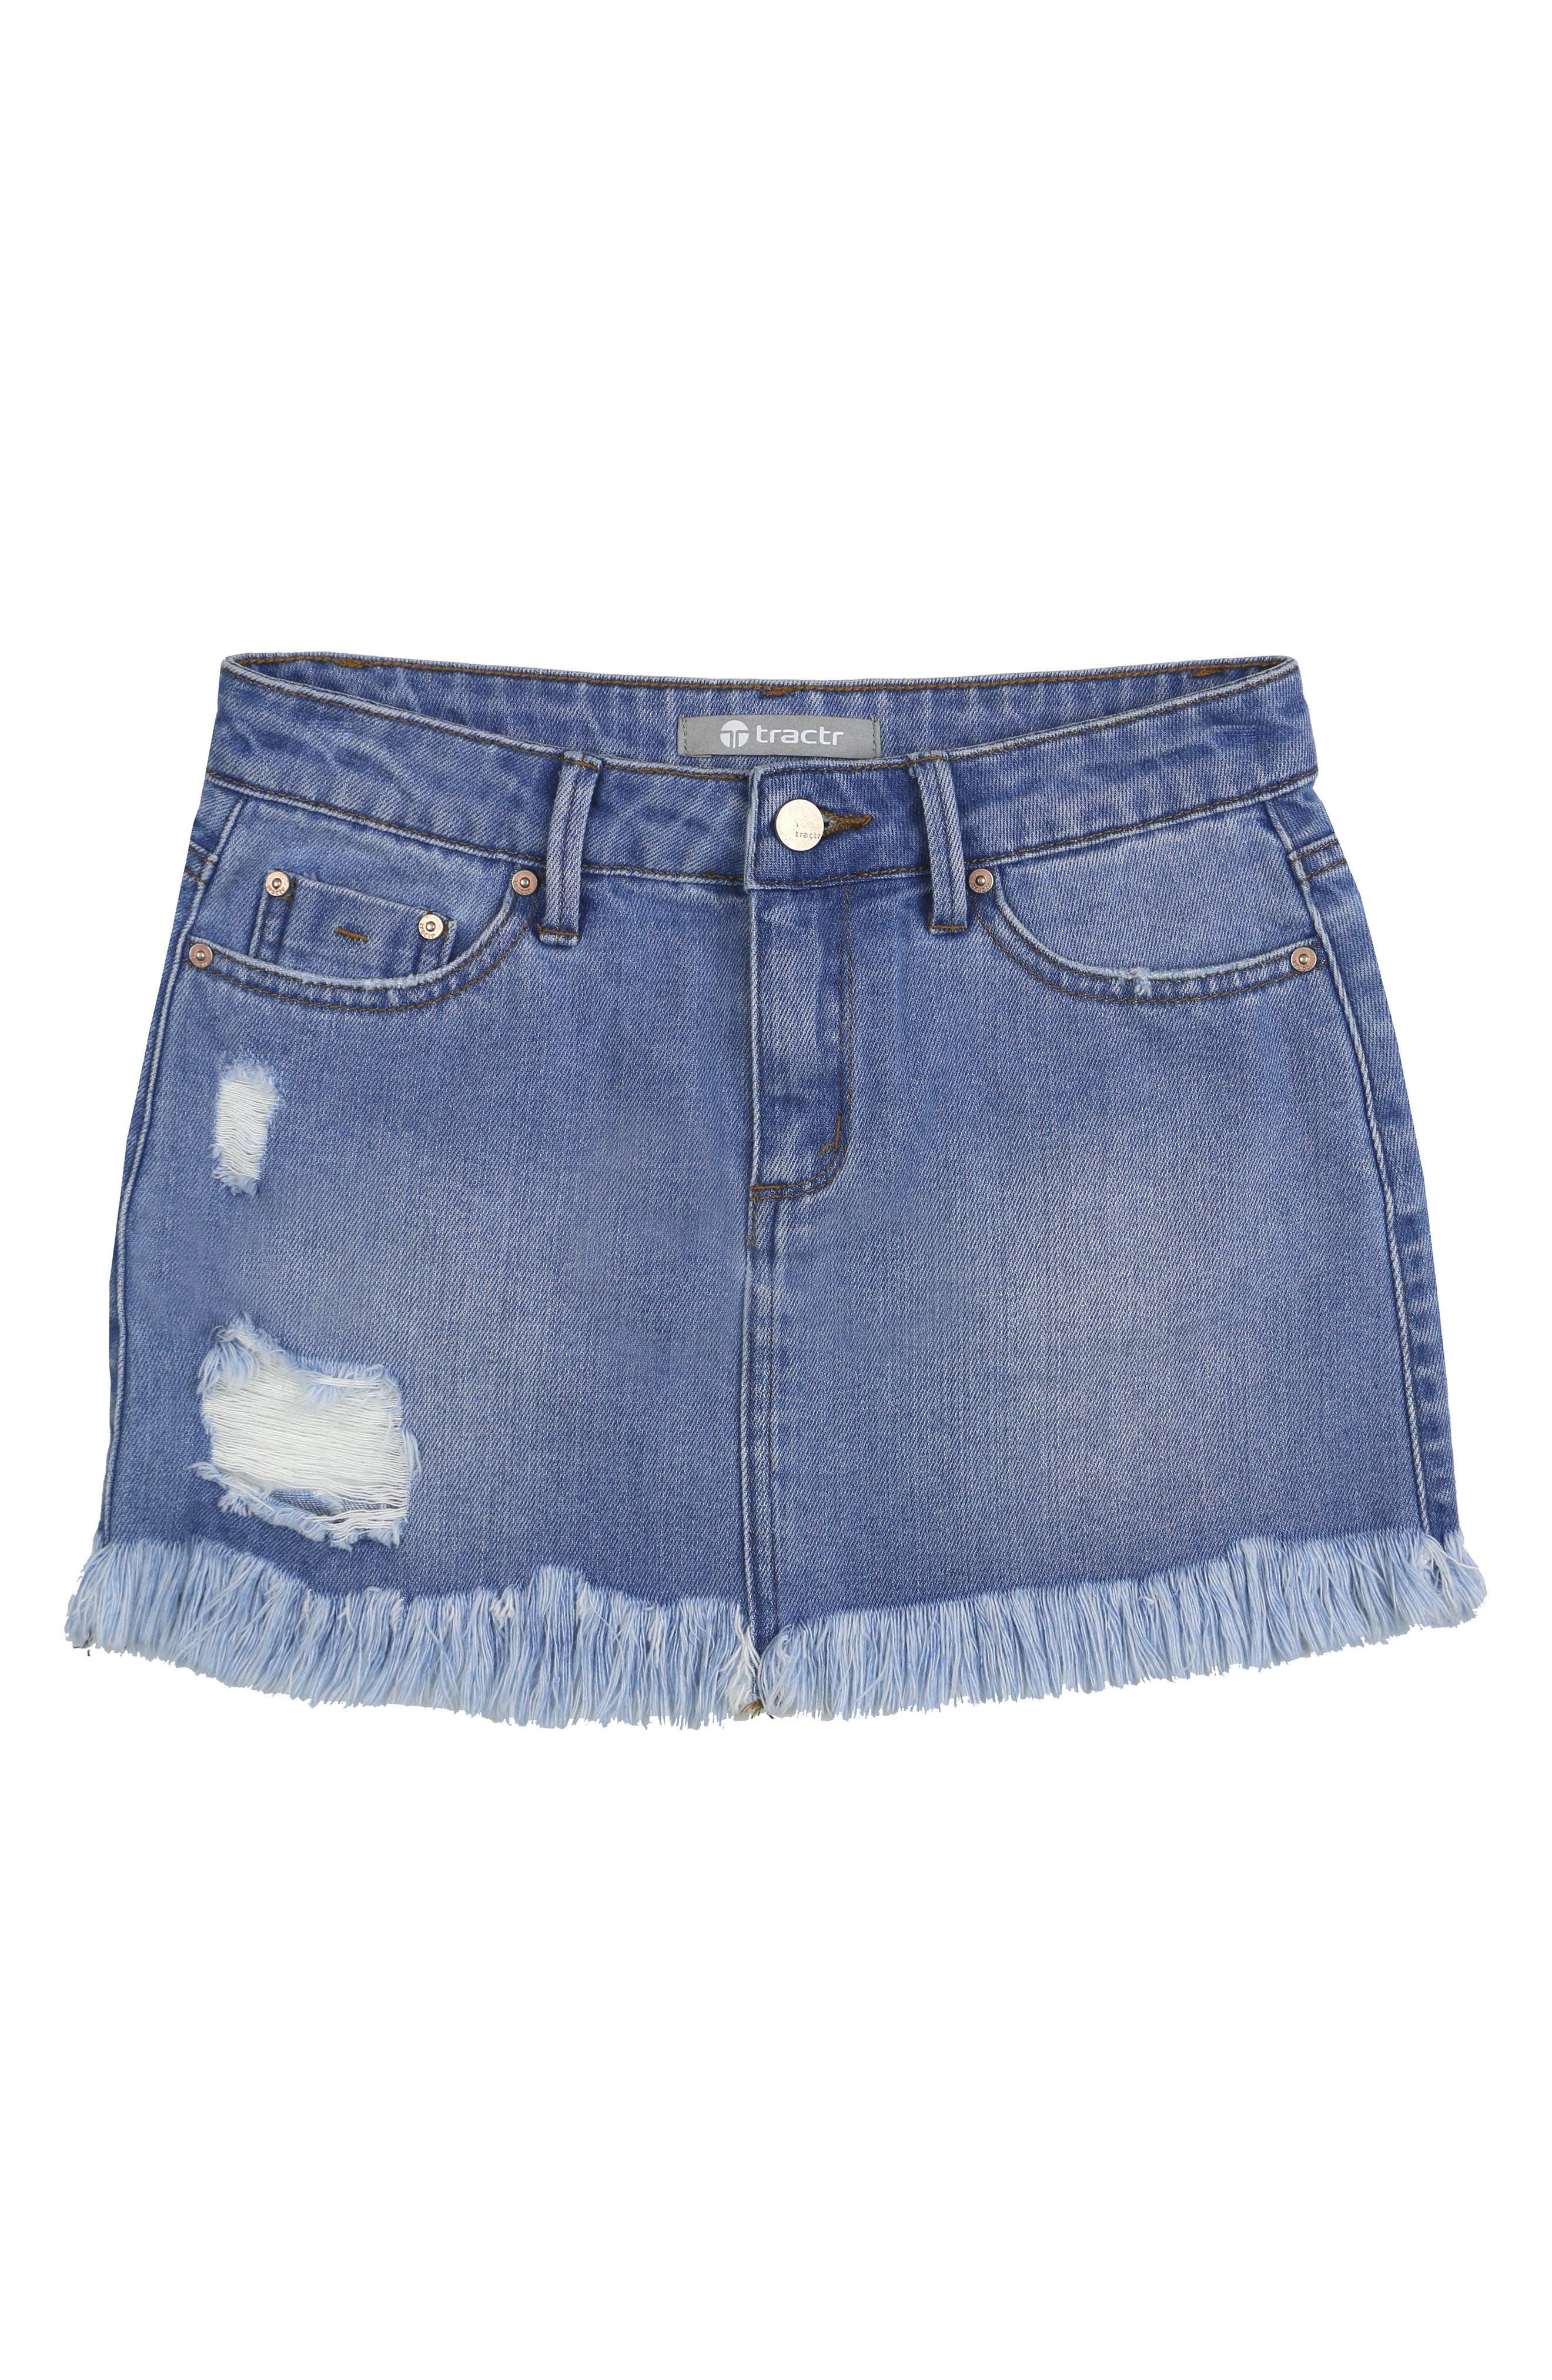 Distressed Denim Skirt,                         Main,                         color, 409